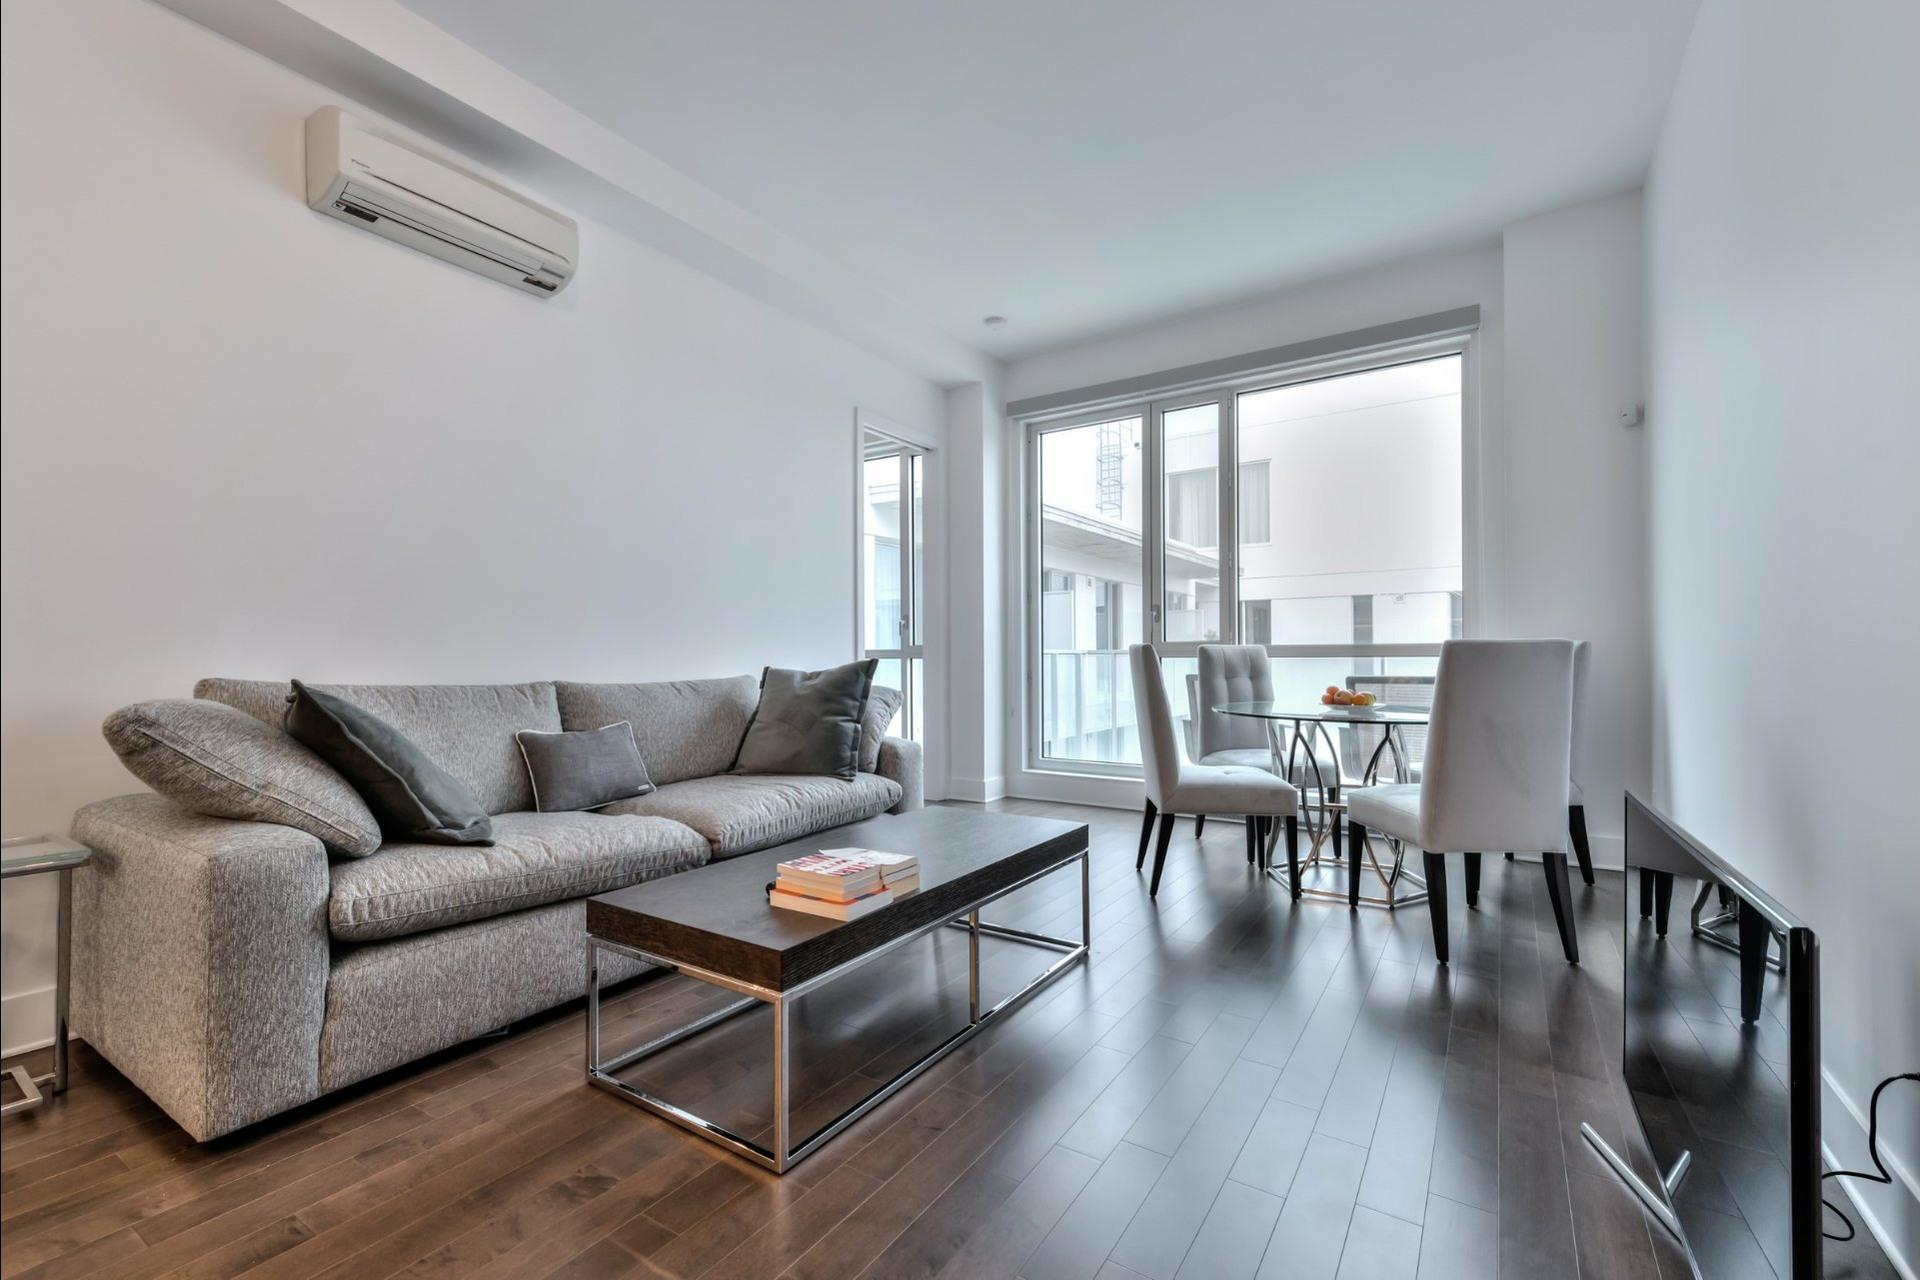 image 12 - 公寓 出售 Côte-des-Neiges/Notre-Dame-de-Grâce Montréal  - 4 室